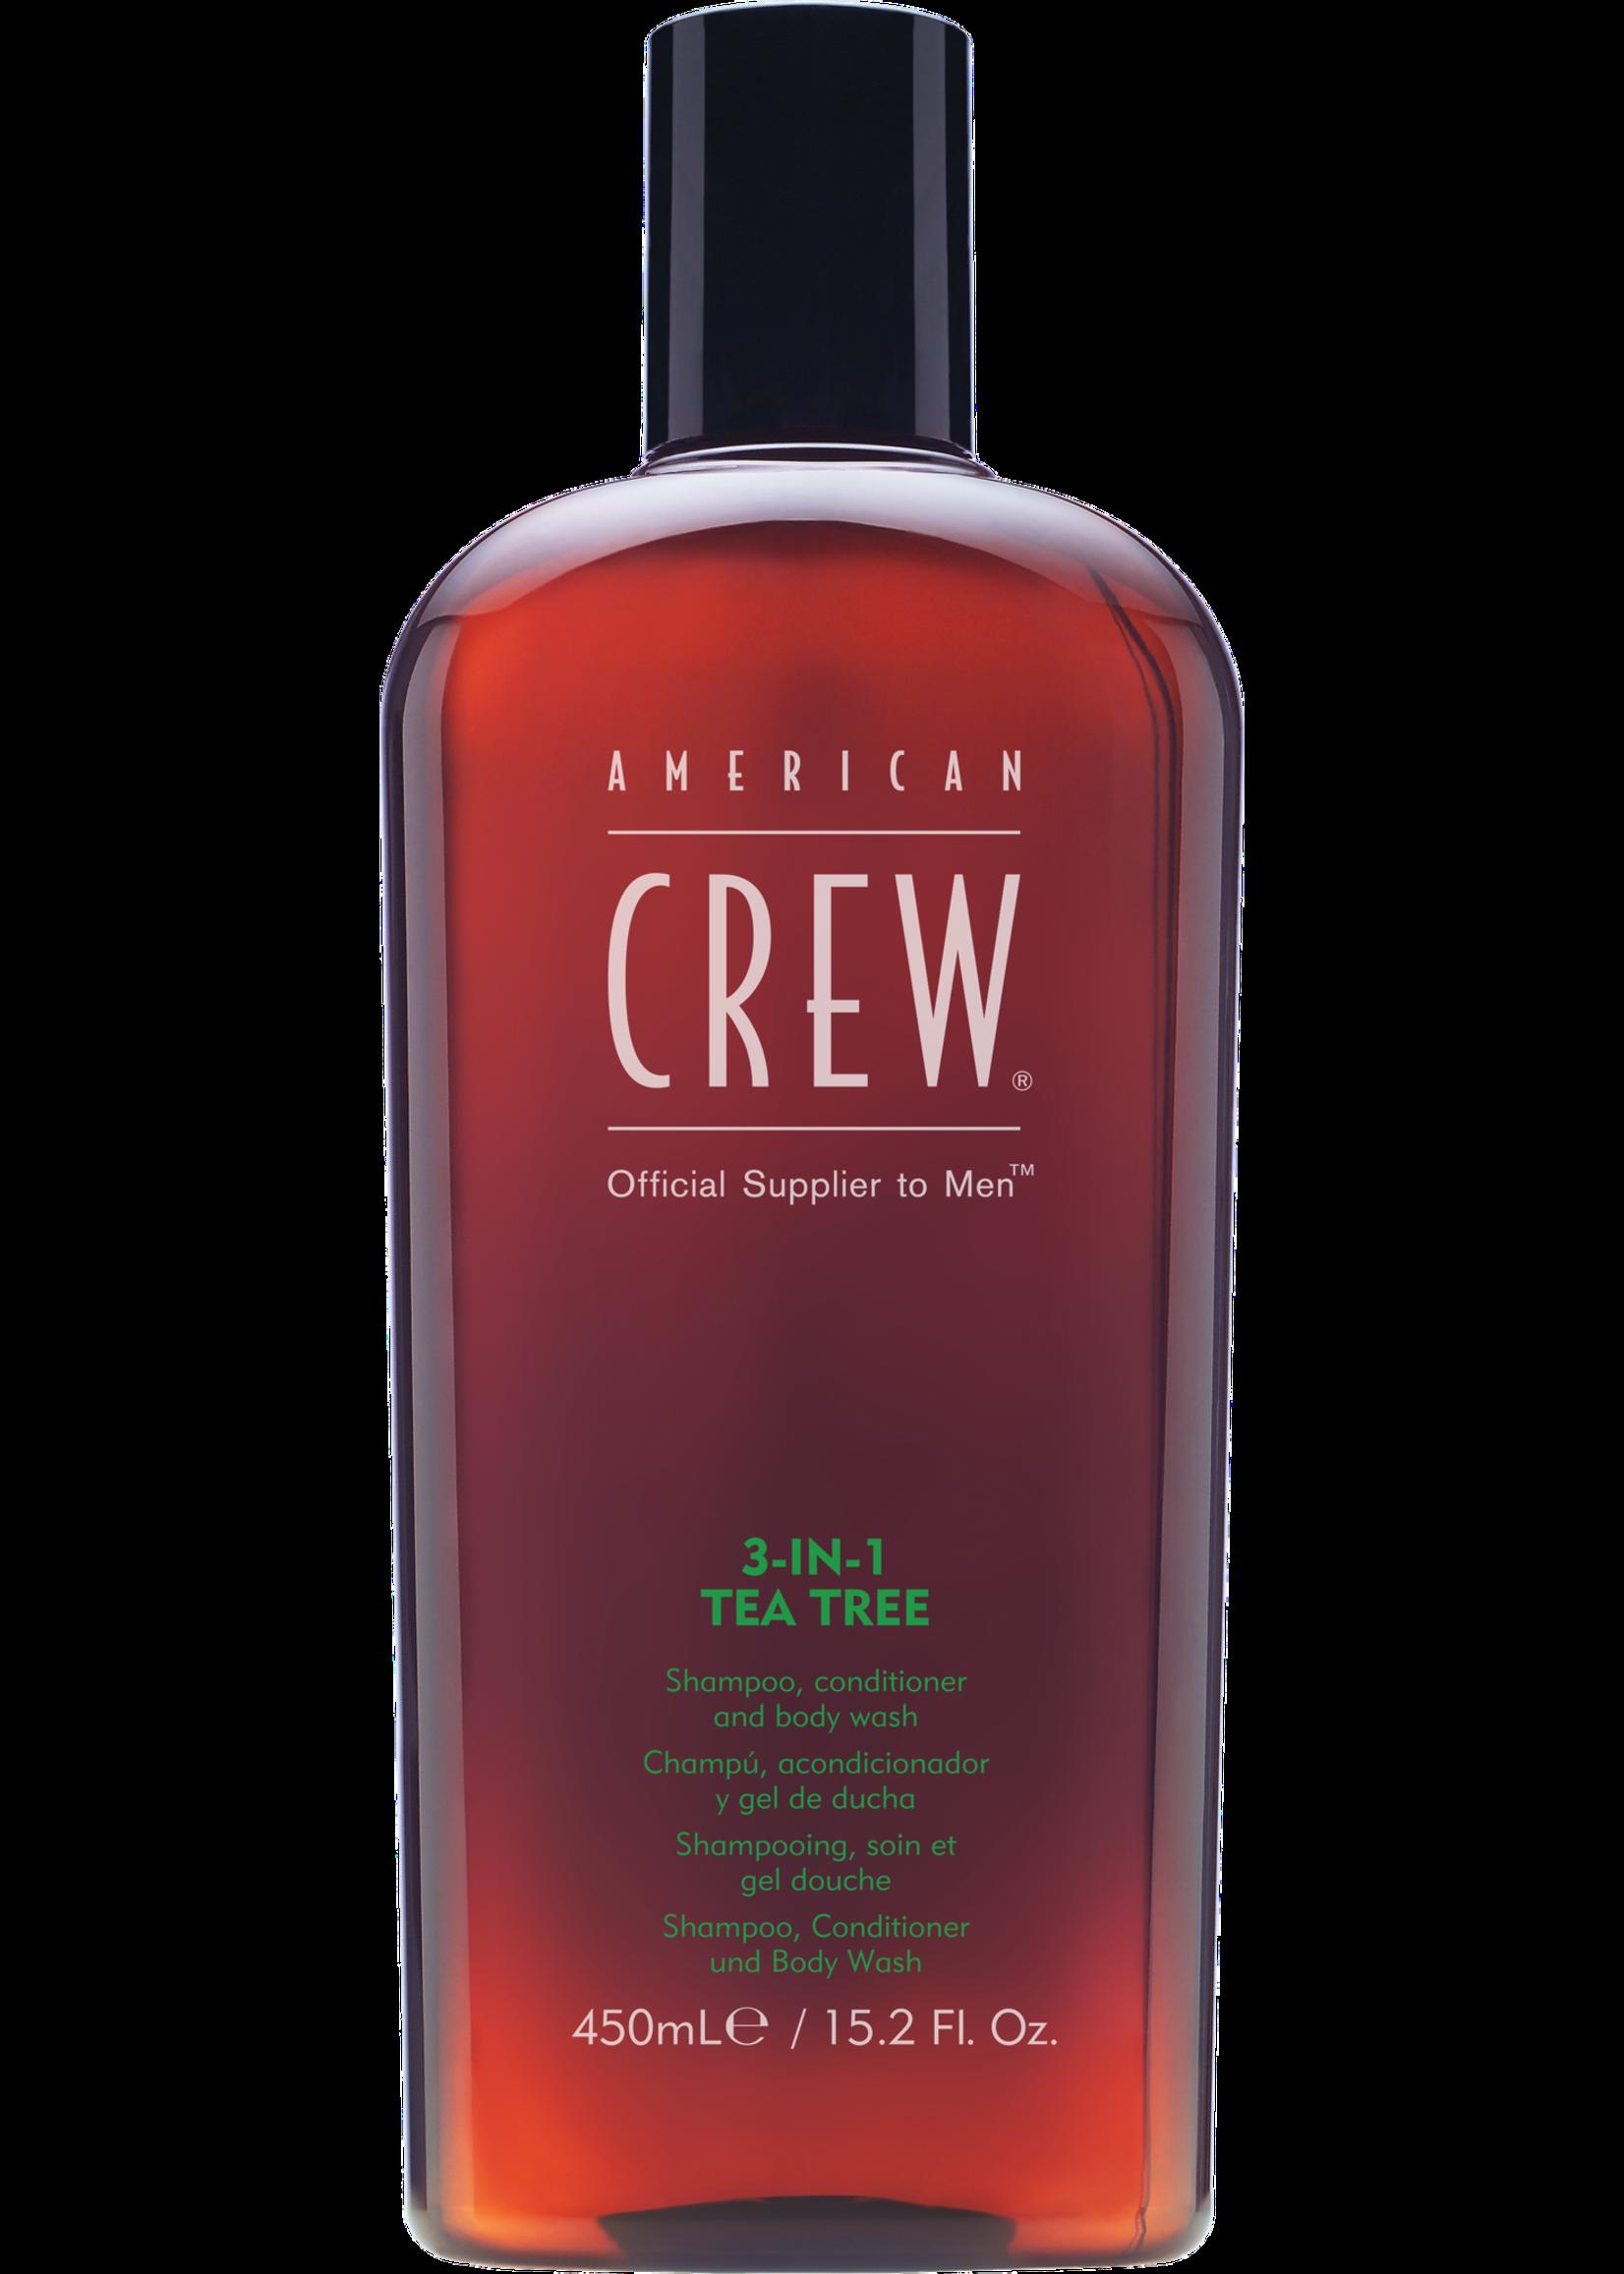 American Crew American Crew 3in1 Tea Tree 450ml